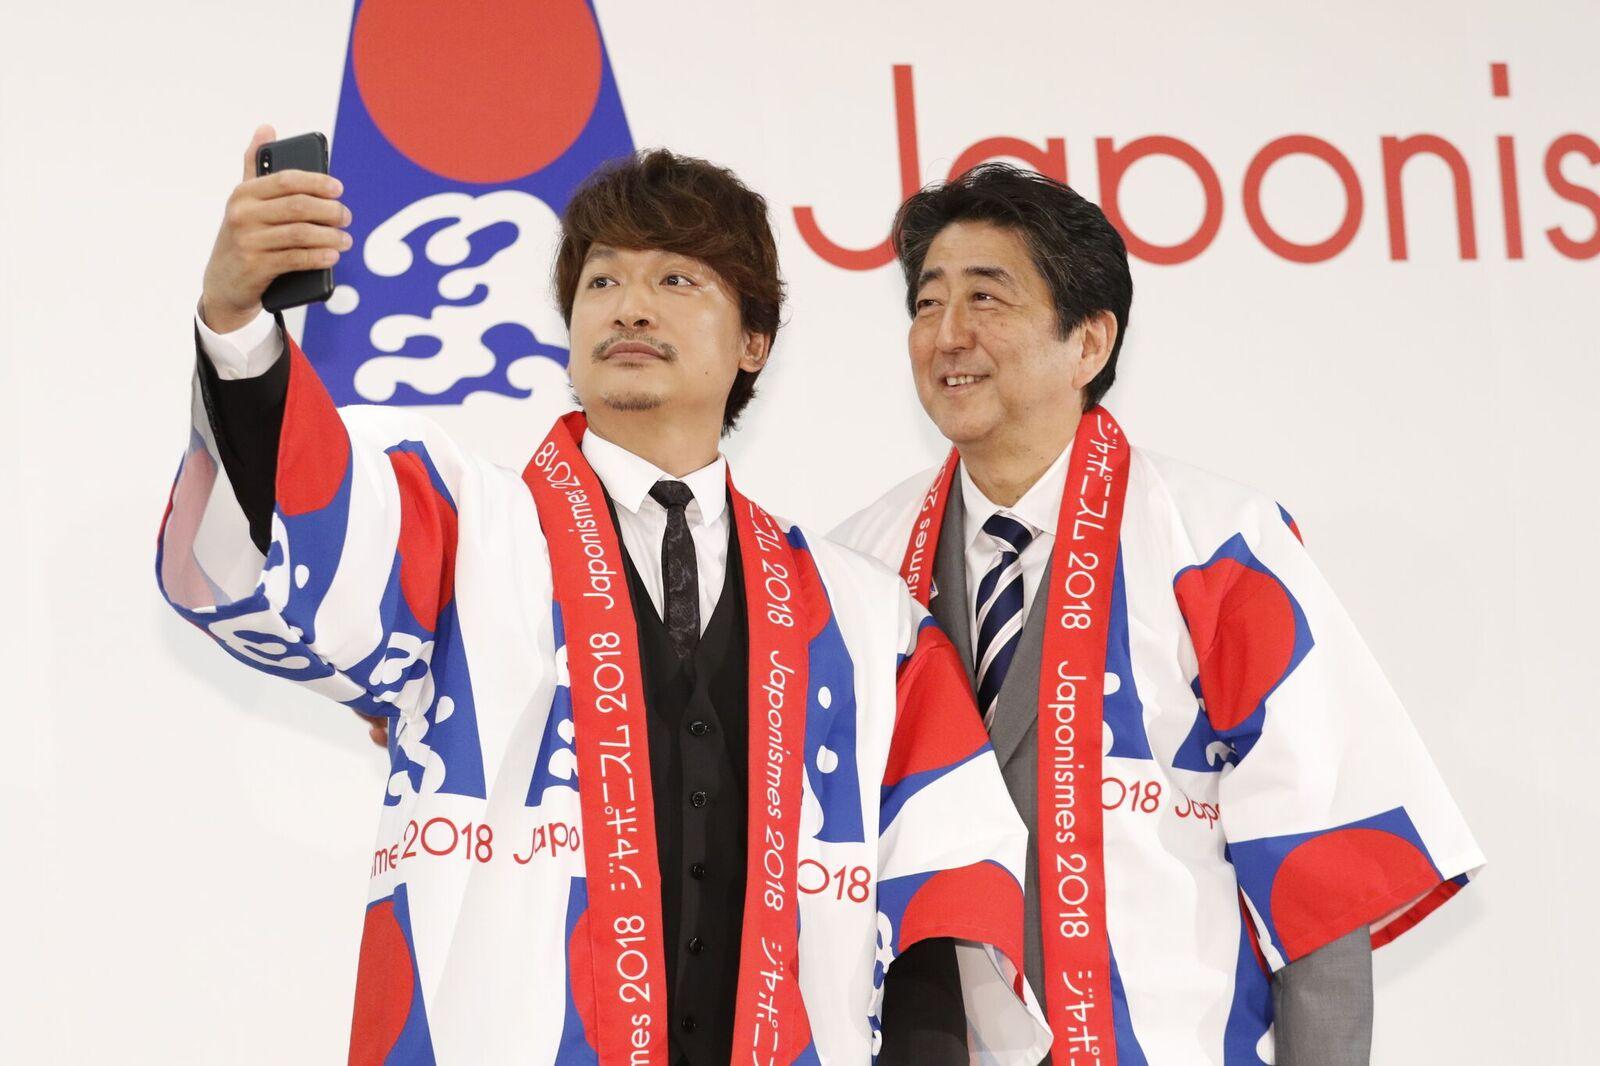 Pré-lancement de Japonismes 2018 à Tokyo